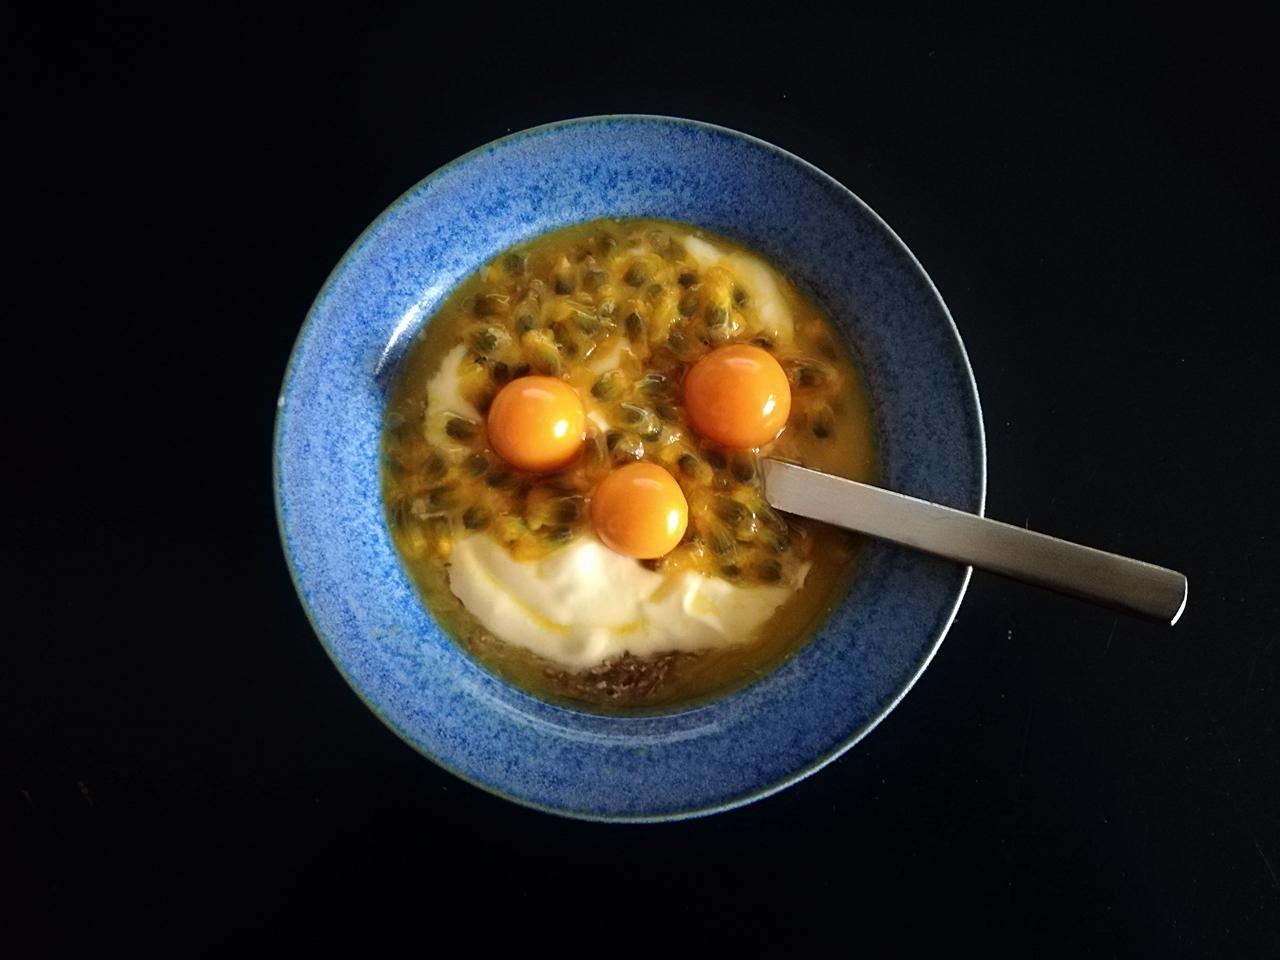 Dessert mit geschrotetem Leinsamen, Passionsfrucht, Physalis und Bio-Mangojoghurt LF von Biedermann